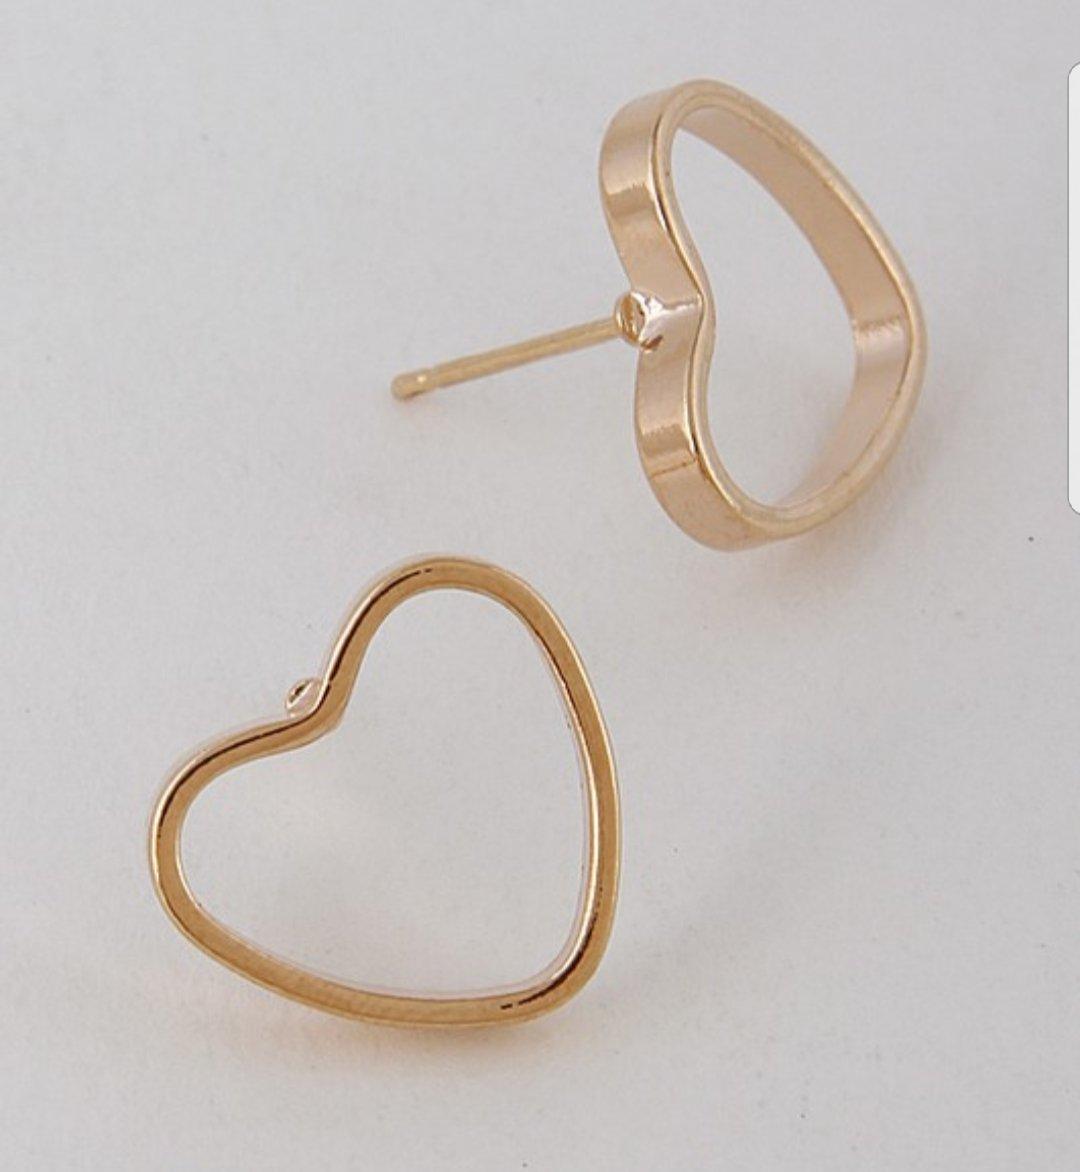 Image of Love earrings